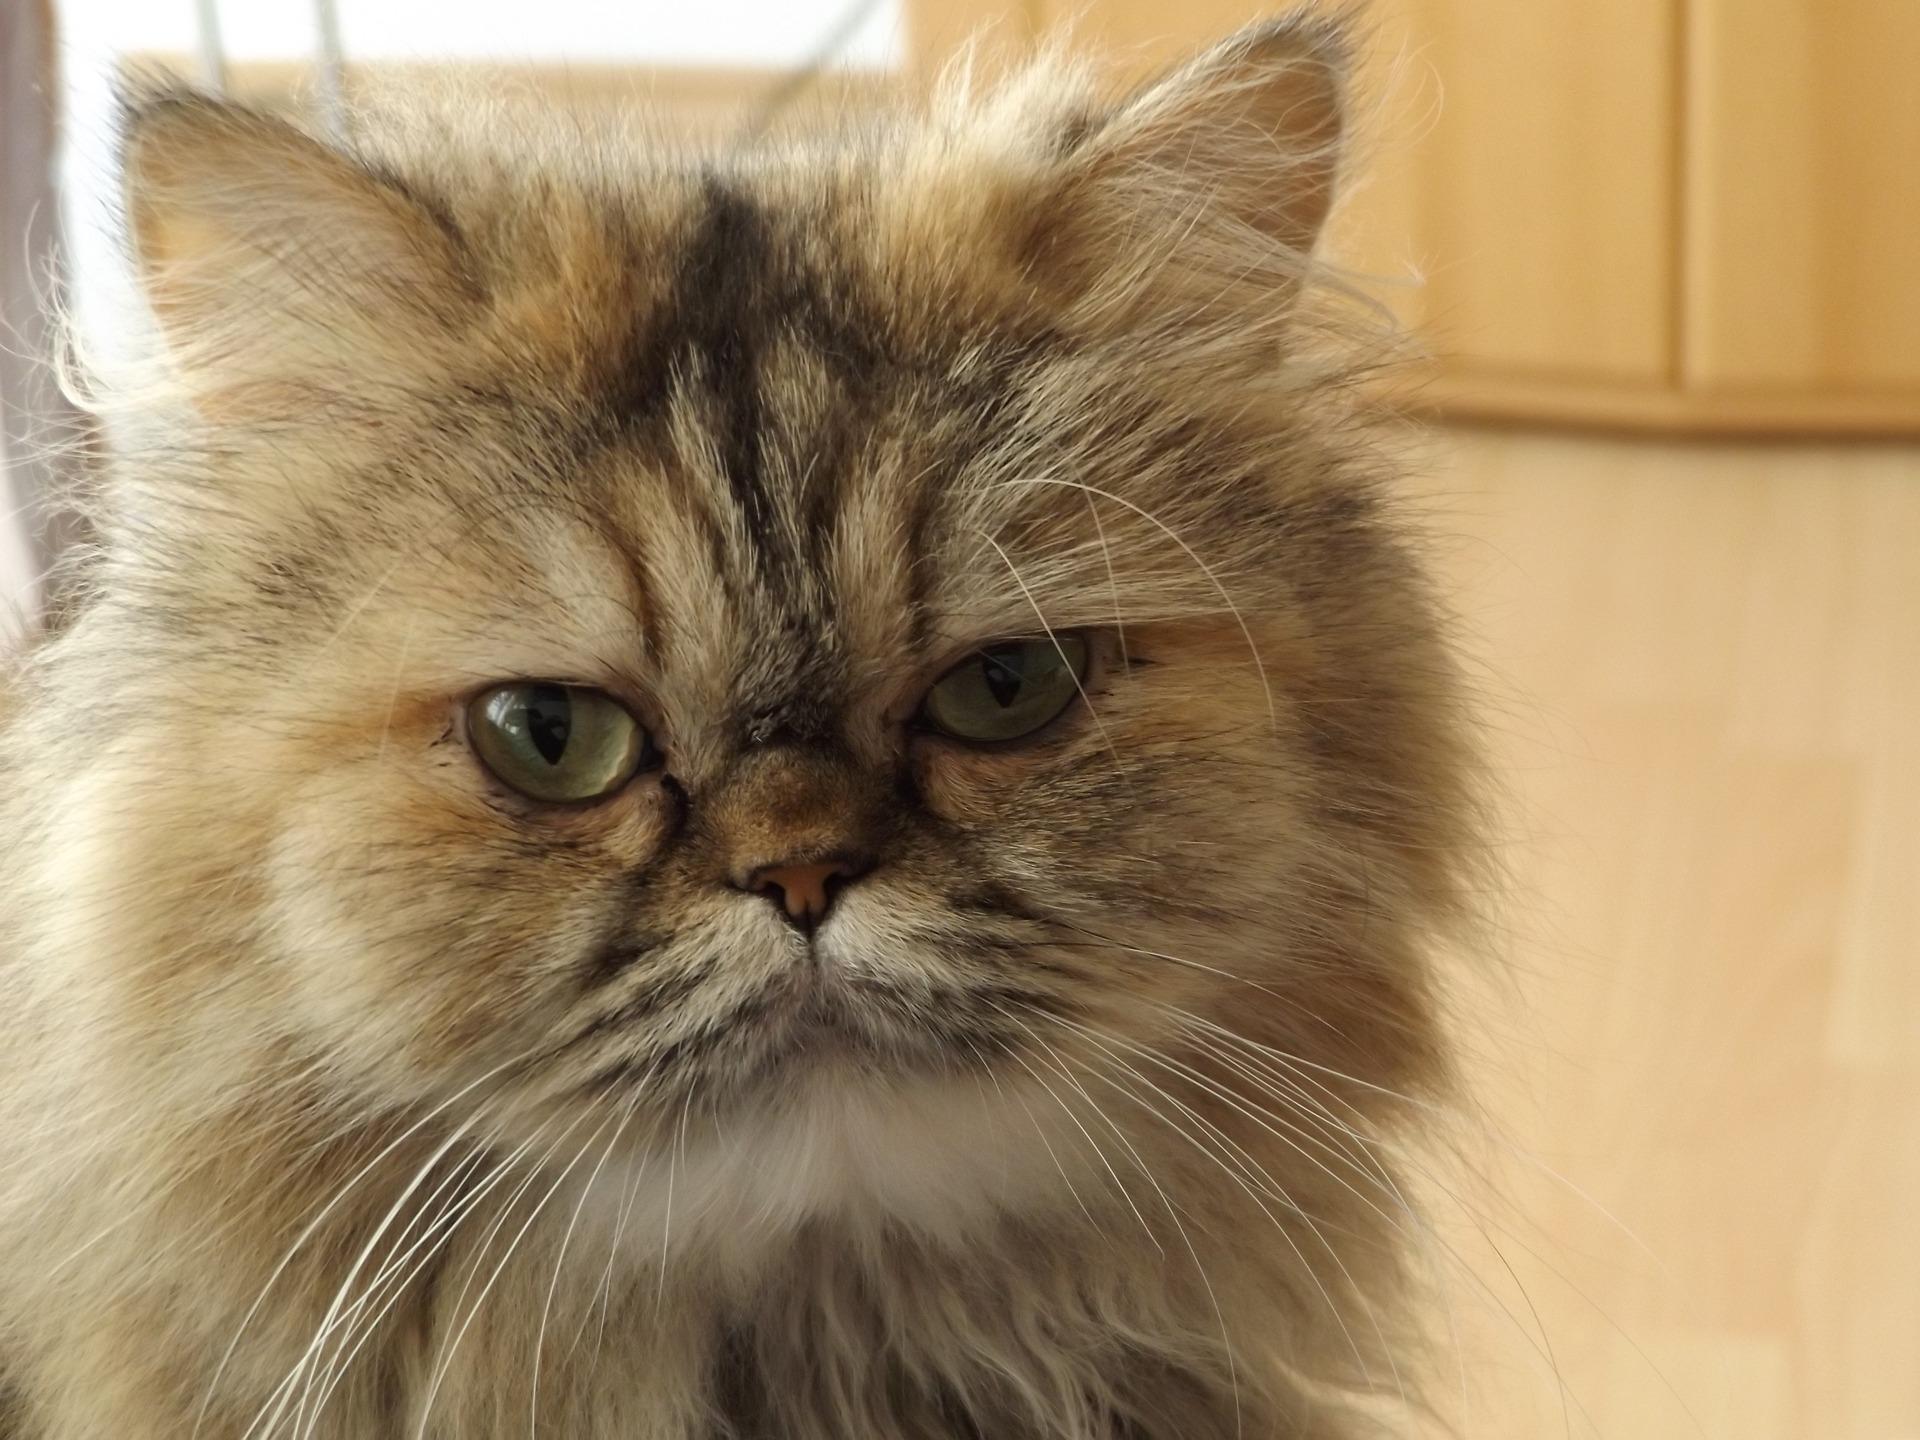 Perzische kat zijn bekende kattenrassen